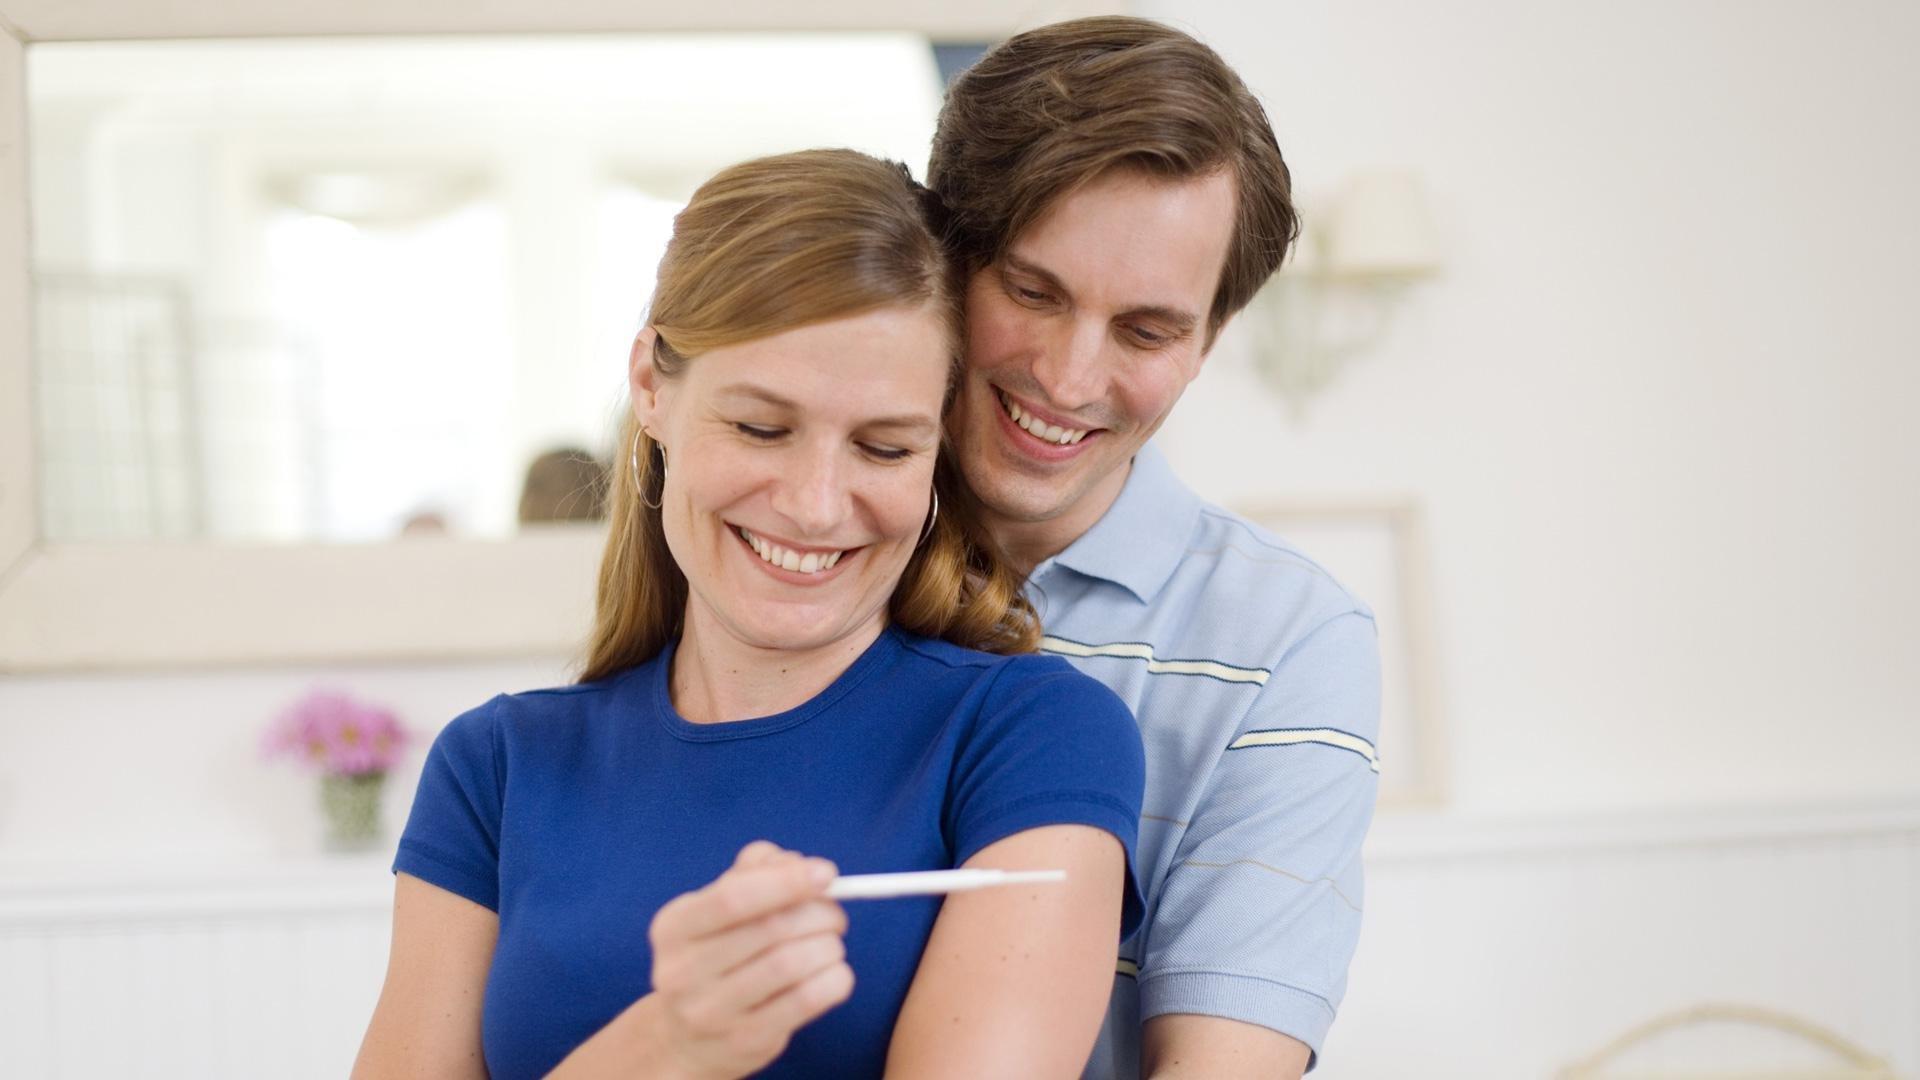 Happy woman pregnant | Sheknows.com